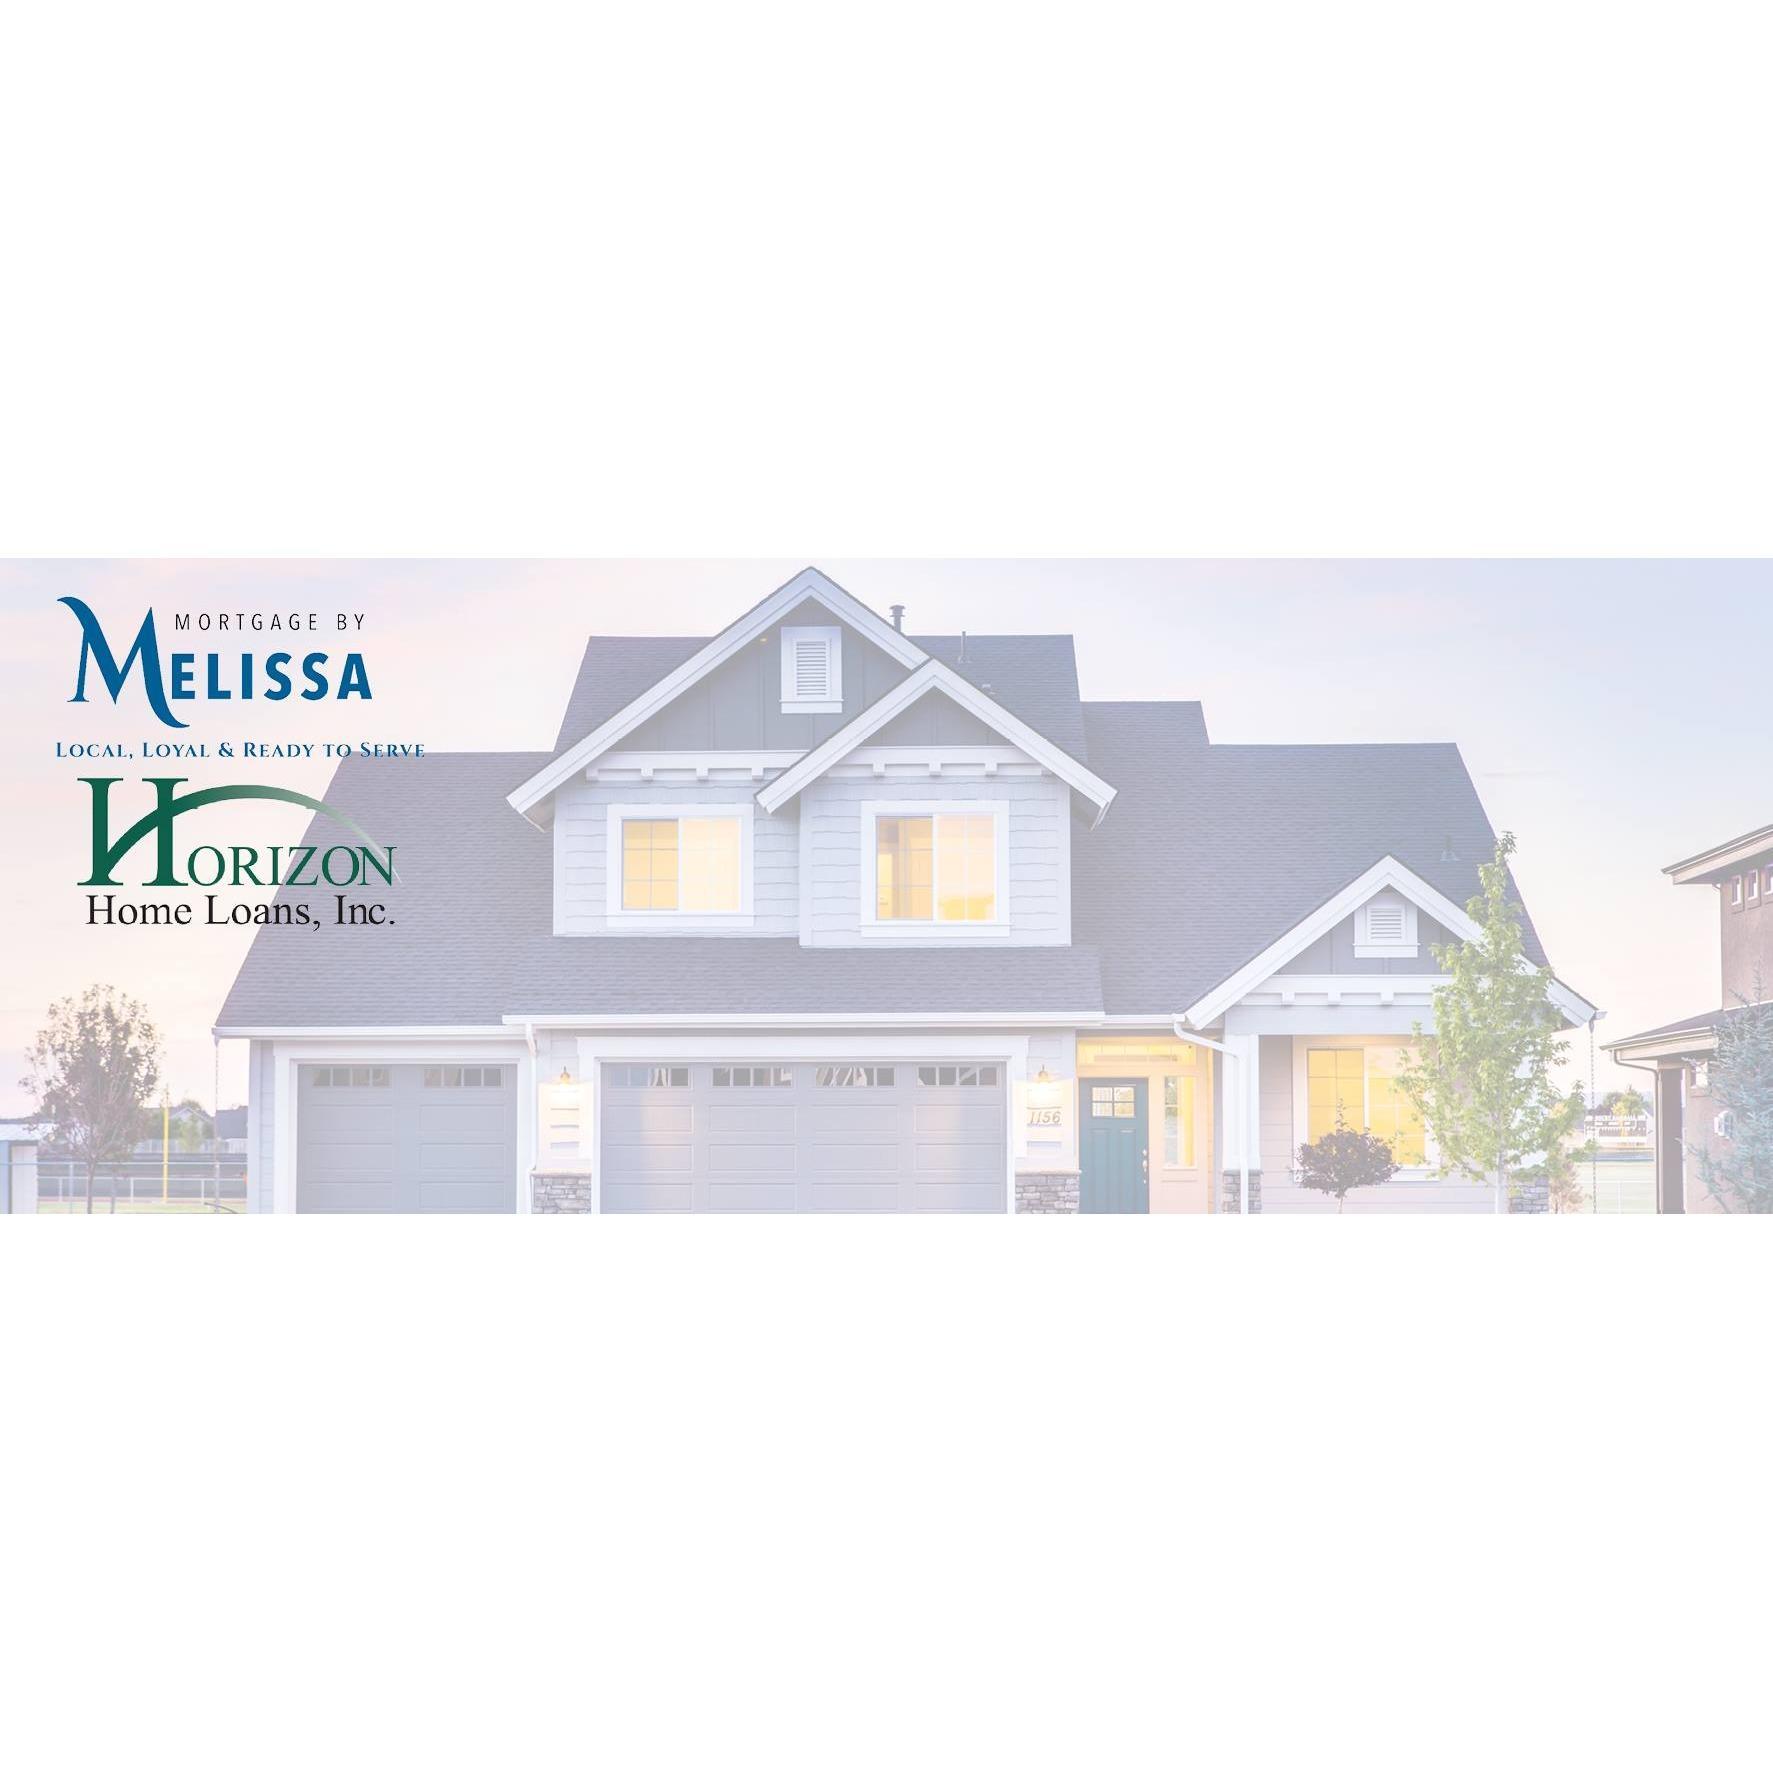 Melissa Long | Horizon Home Loans, Inc